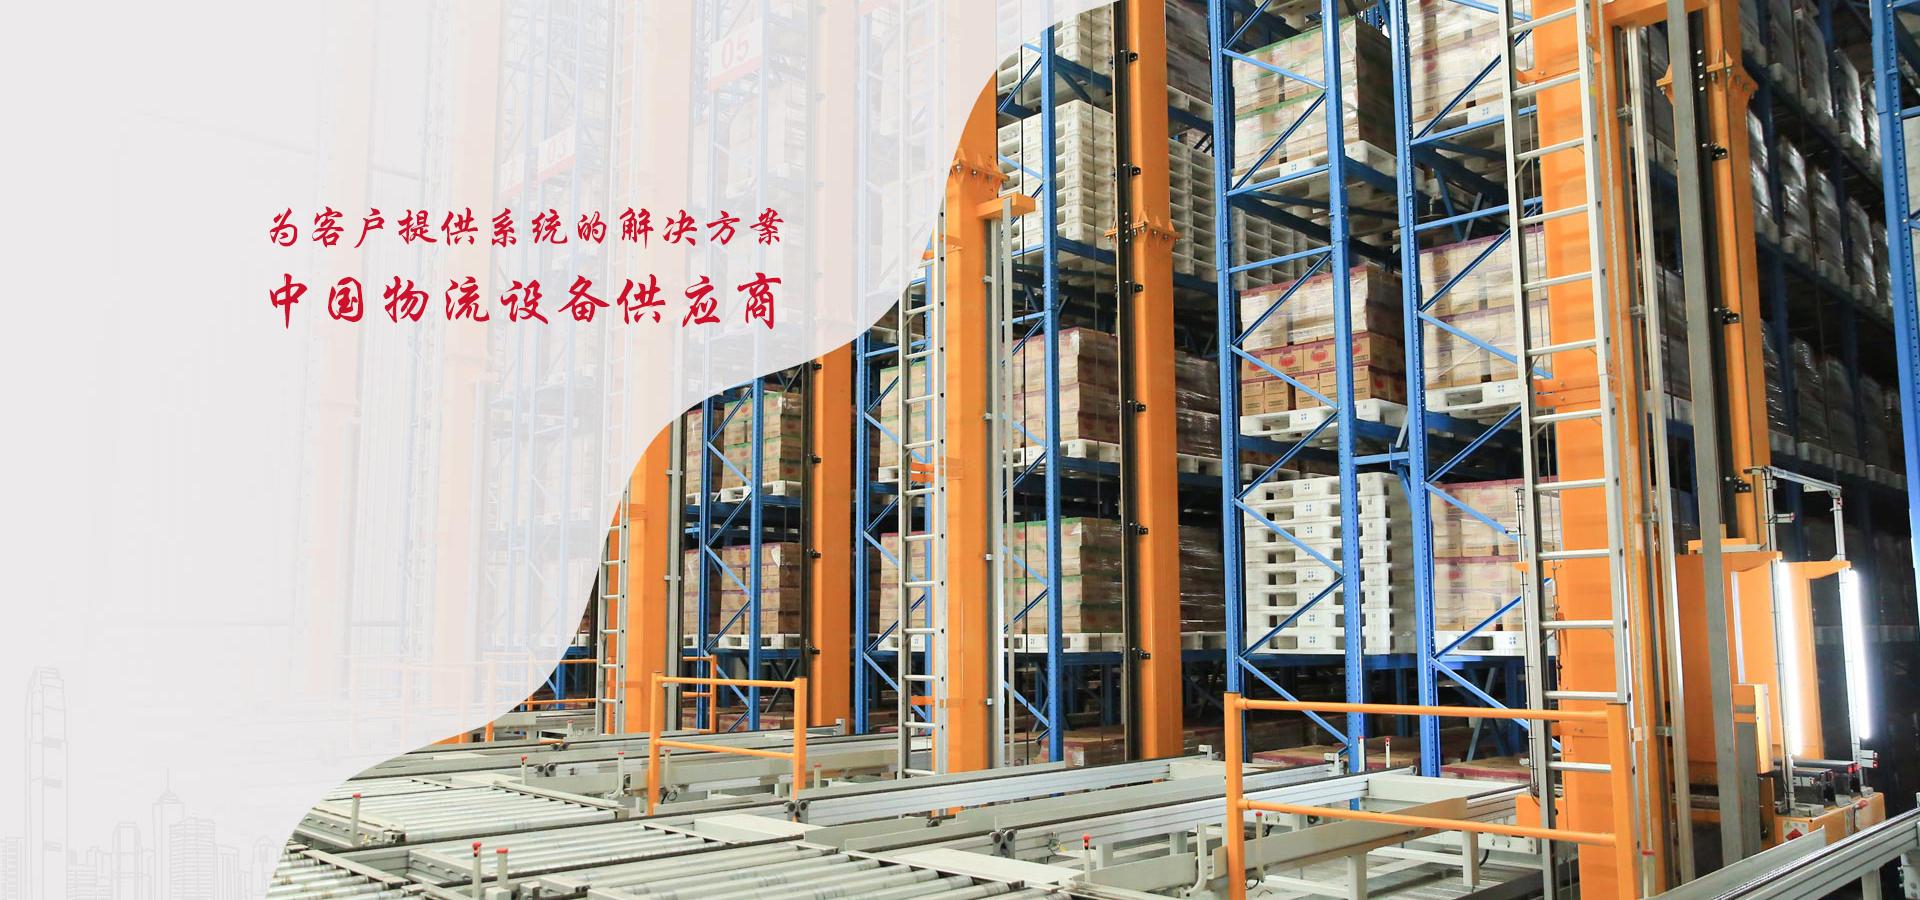 江蘇優力恩物流設備工程有限公司